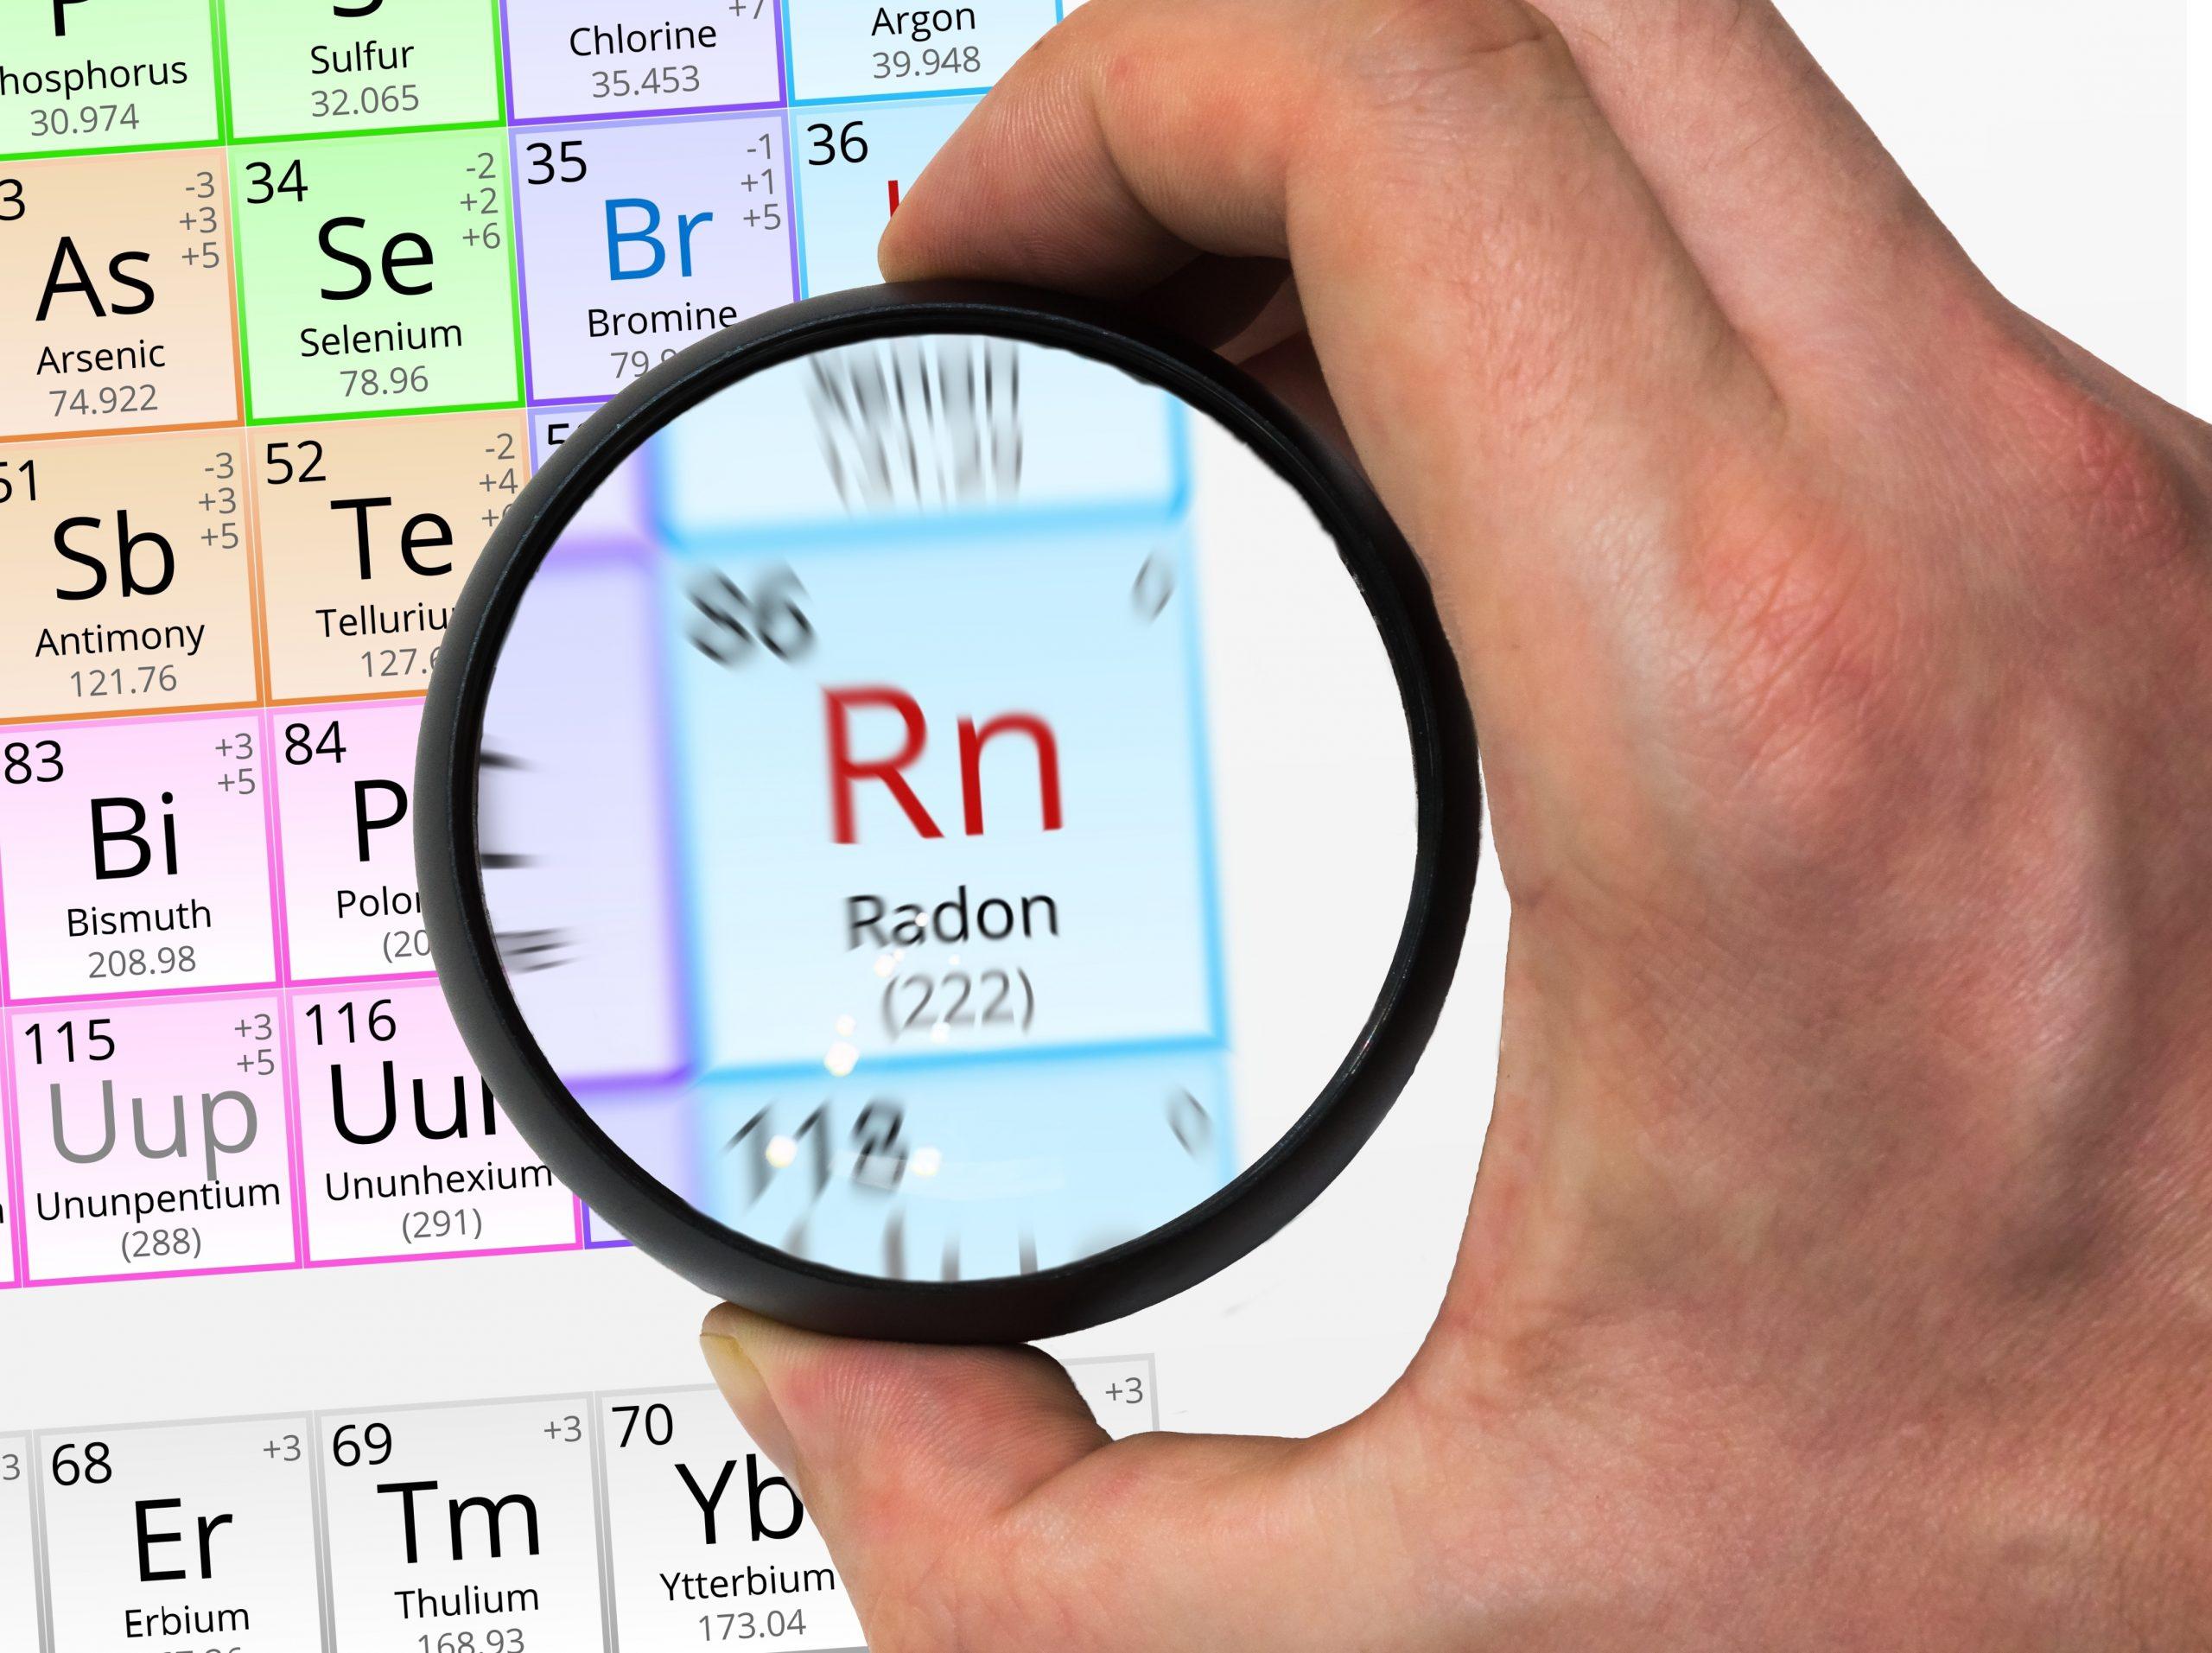 concentracion de radon